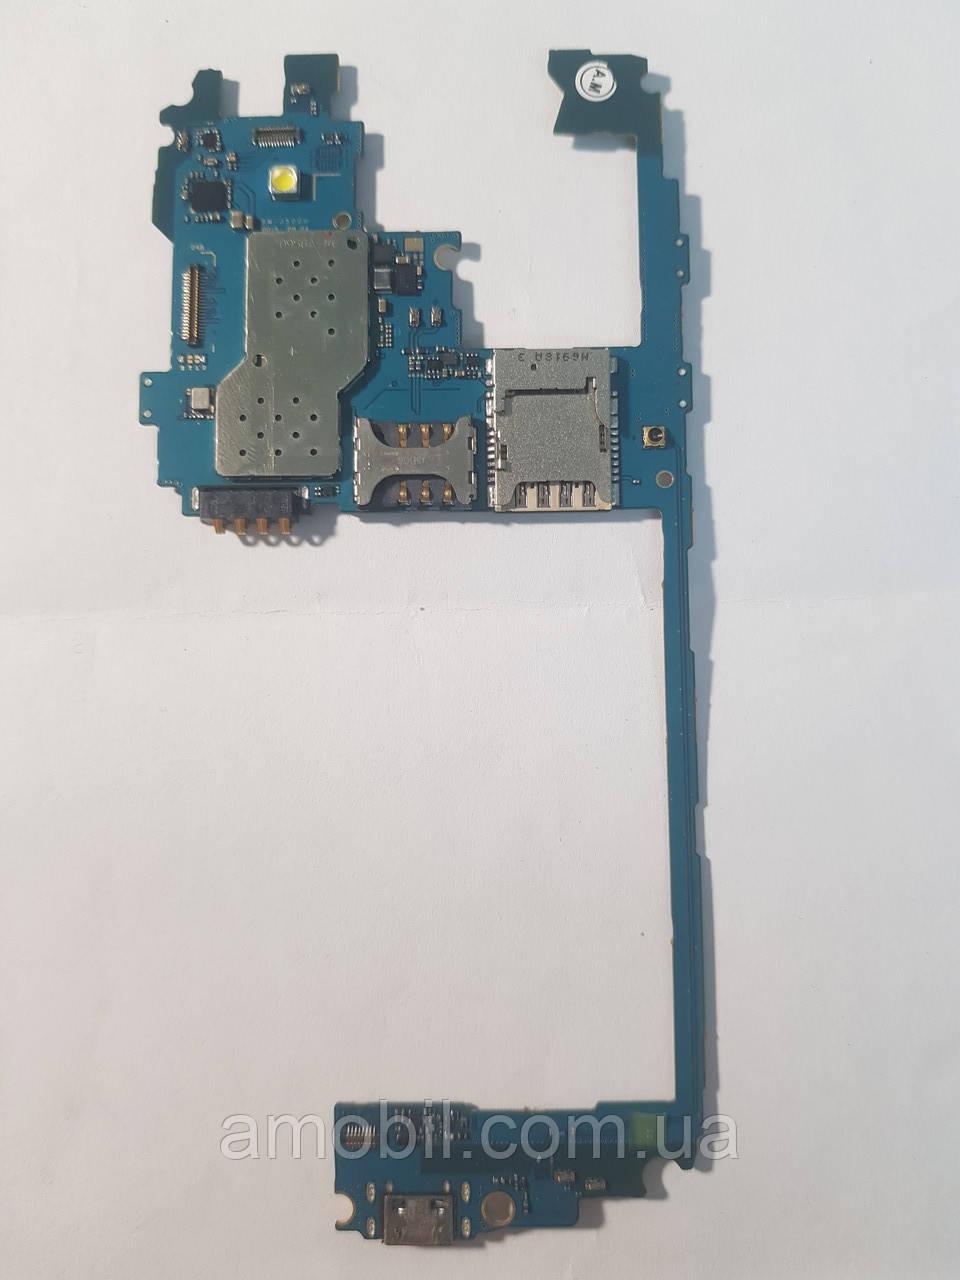 Материнська плата Samsung Galaxy J5 J500H (2015) 2sim ,робоча